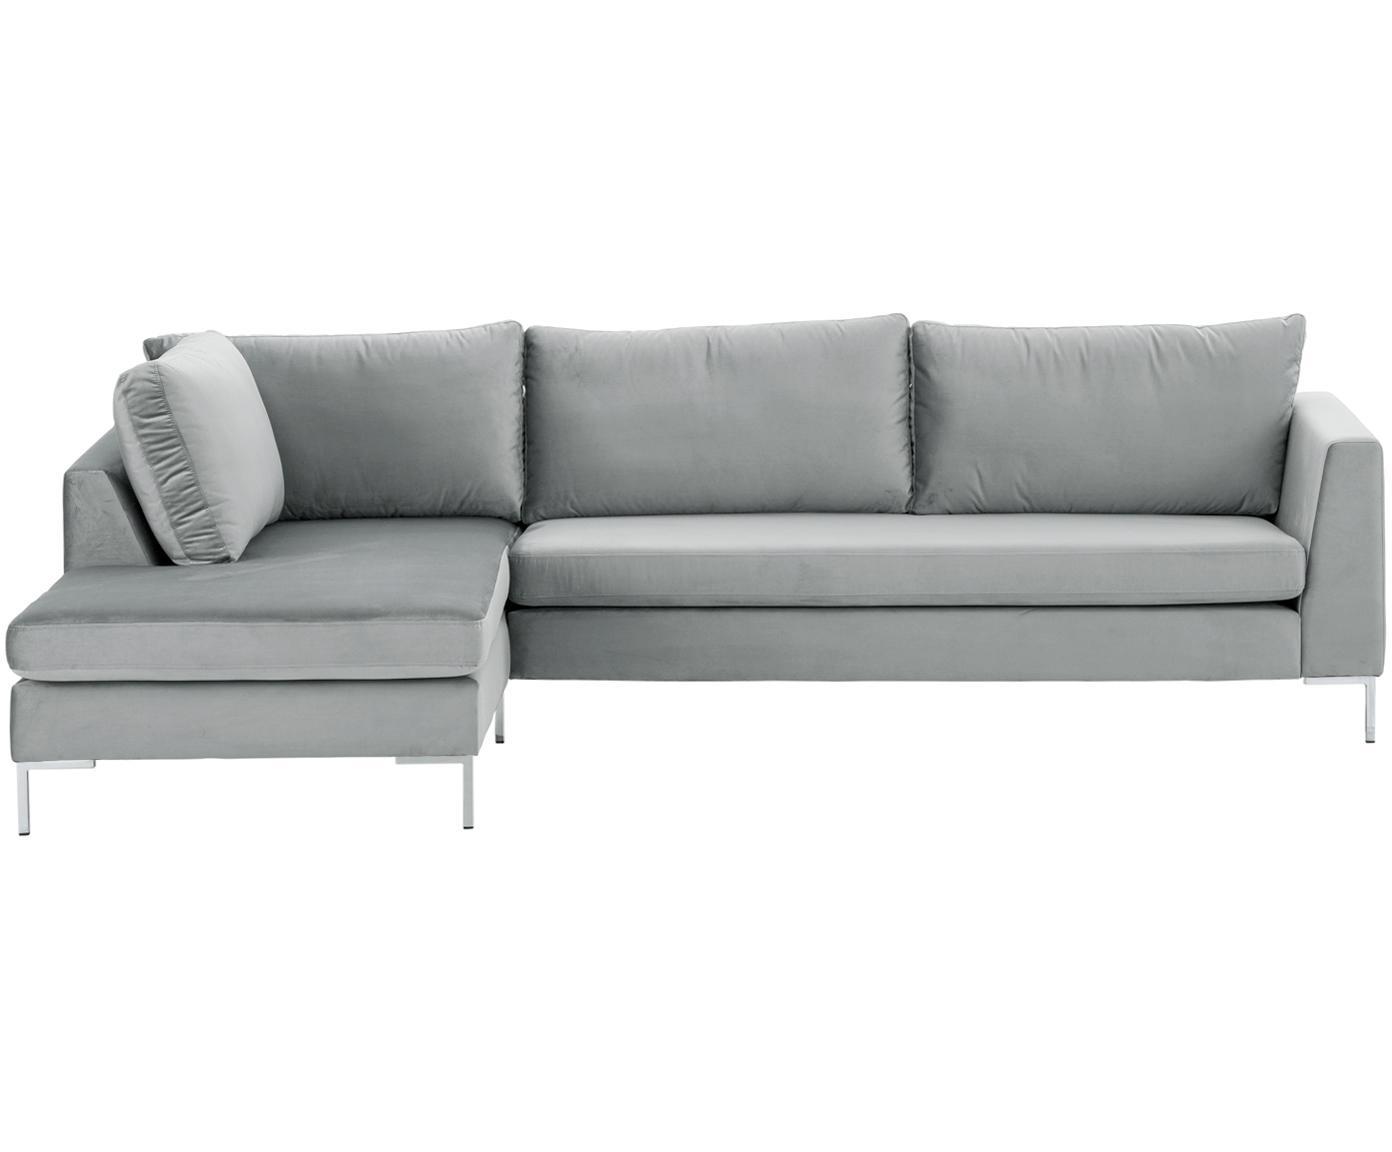 Fluwelen hoekbank Luna, Bekleding: fluweel (polyester), Frame: massief beukenhout, Poten: gegalvaniseerd metaal, Fluweel beigegrijs, zilverkleurig, B 280 x D 184 cm